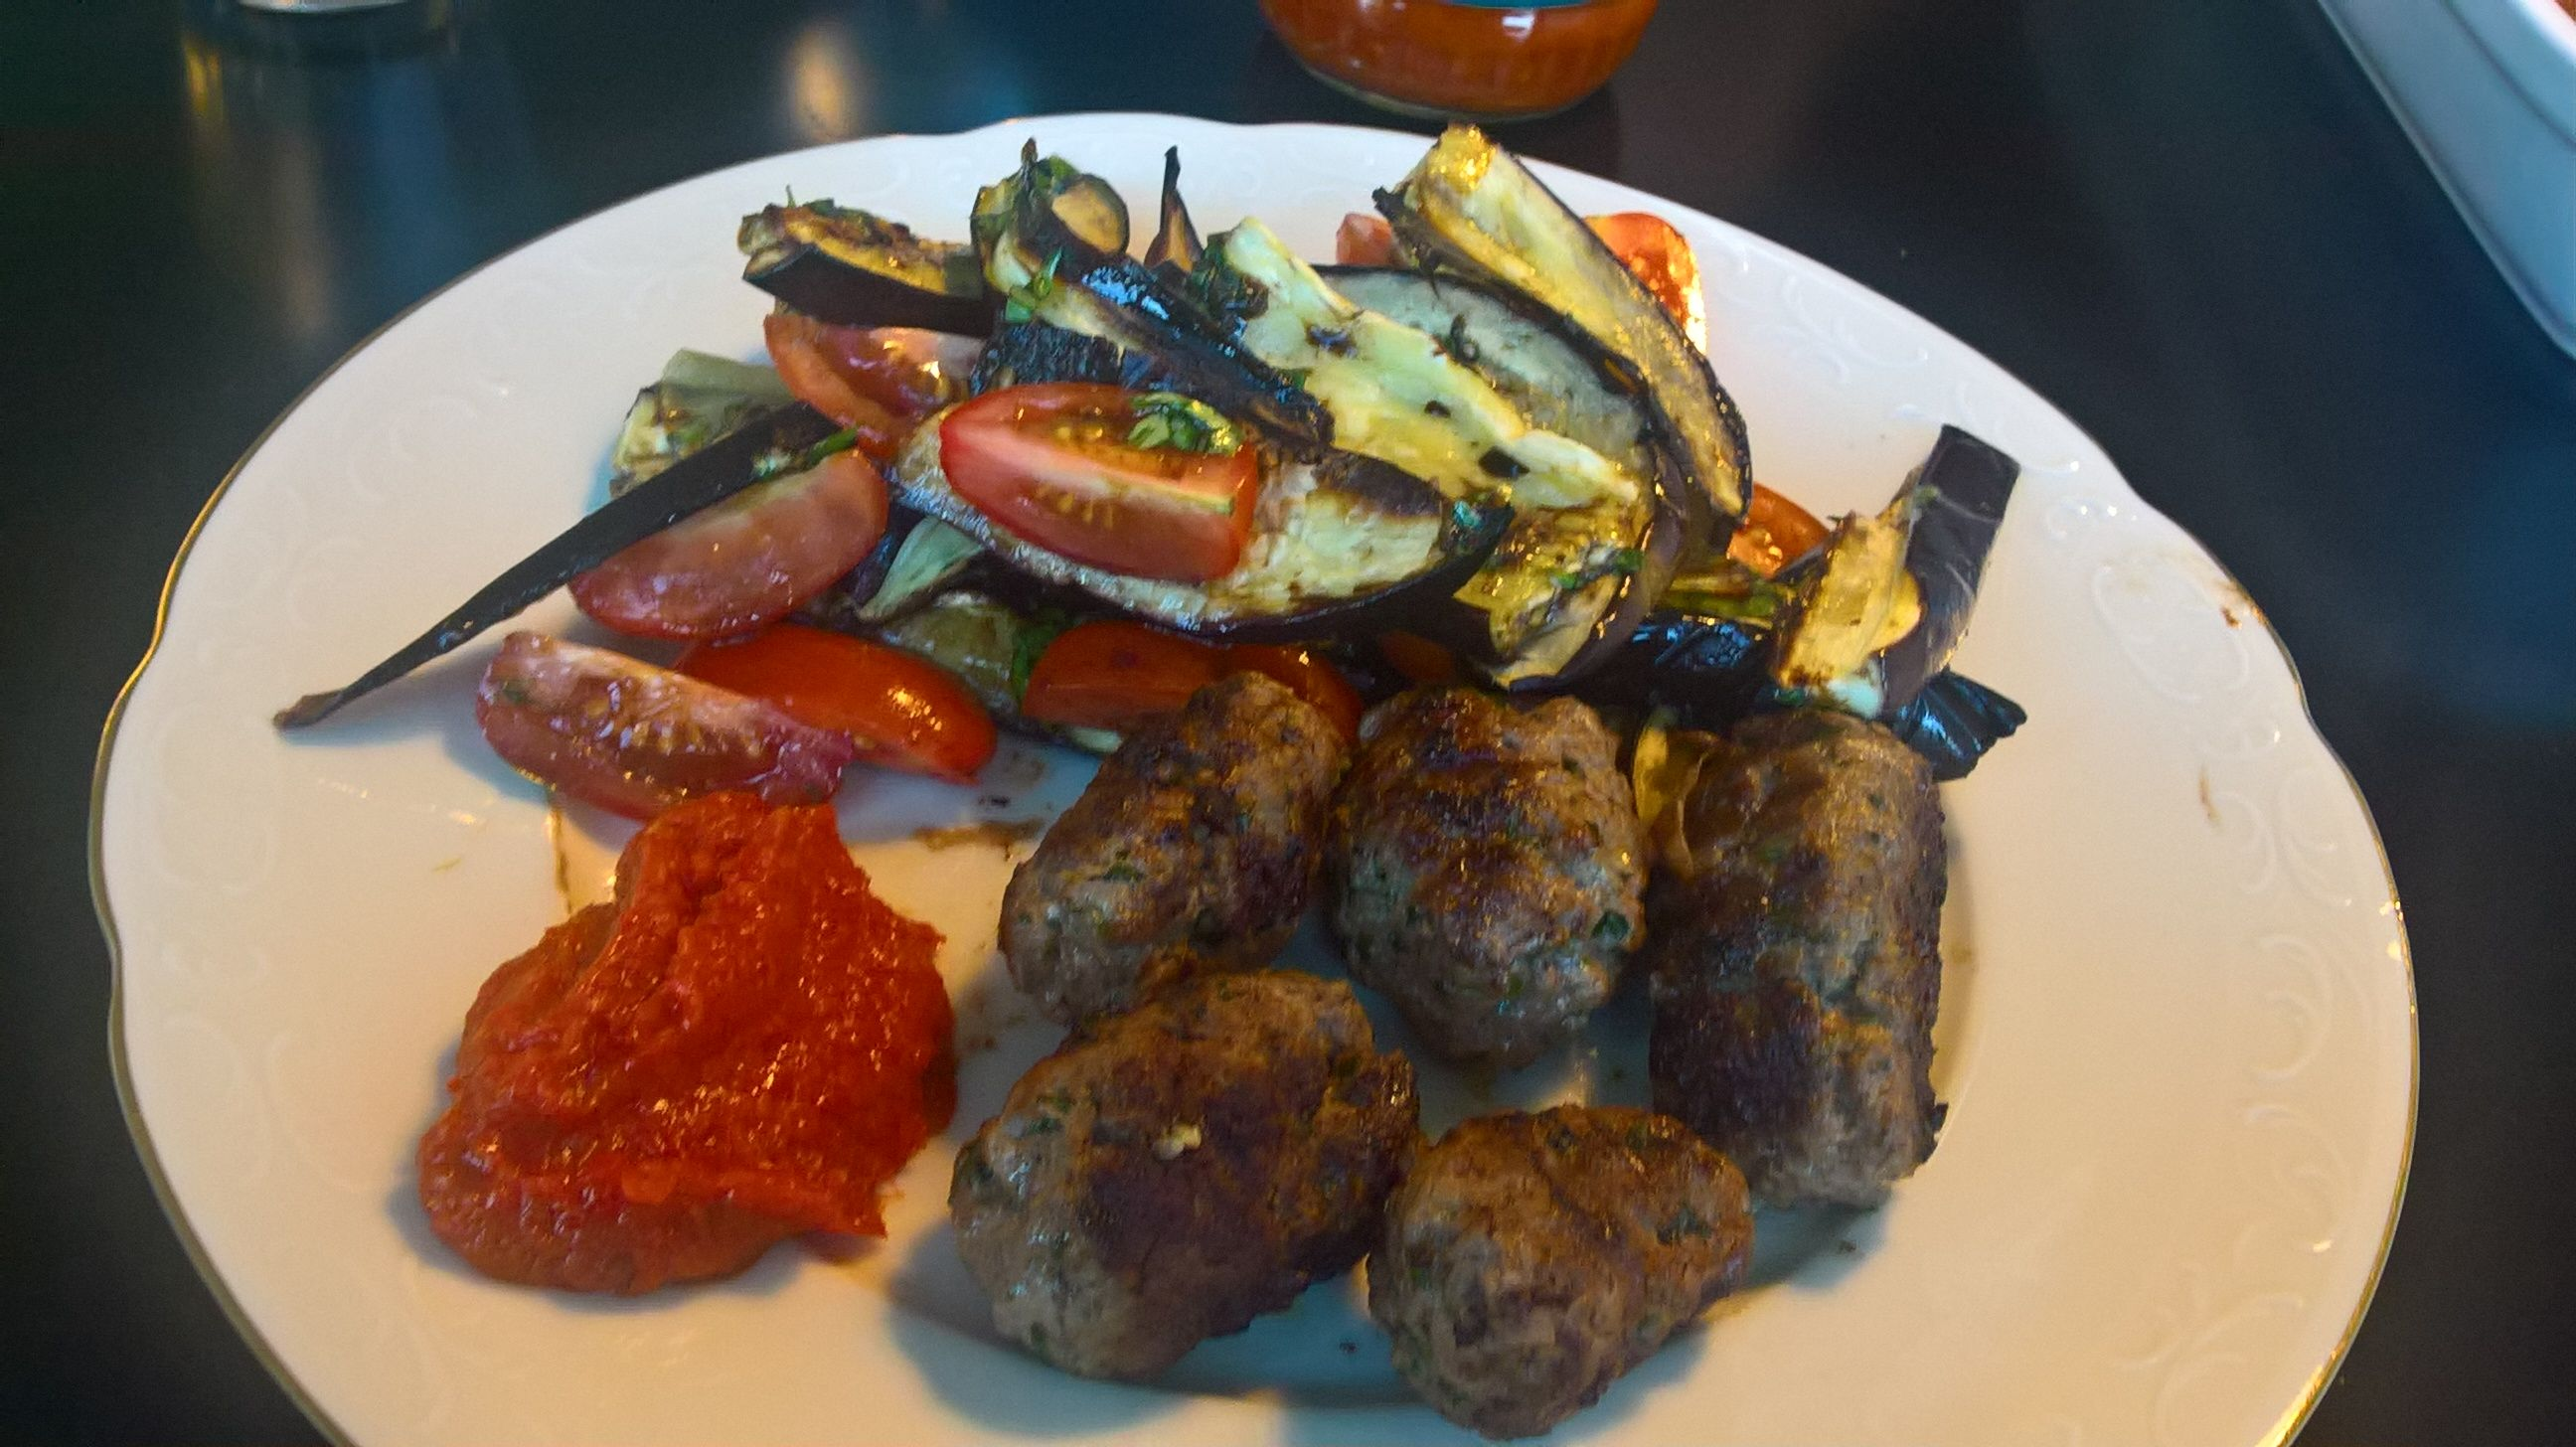 AFTENSMAD: Cevapcici med aubergine/tomatsalat og ajvar. Opskrift: Spis dig slank 6, side 66